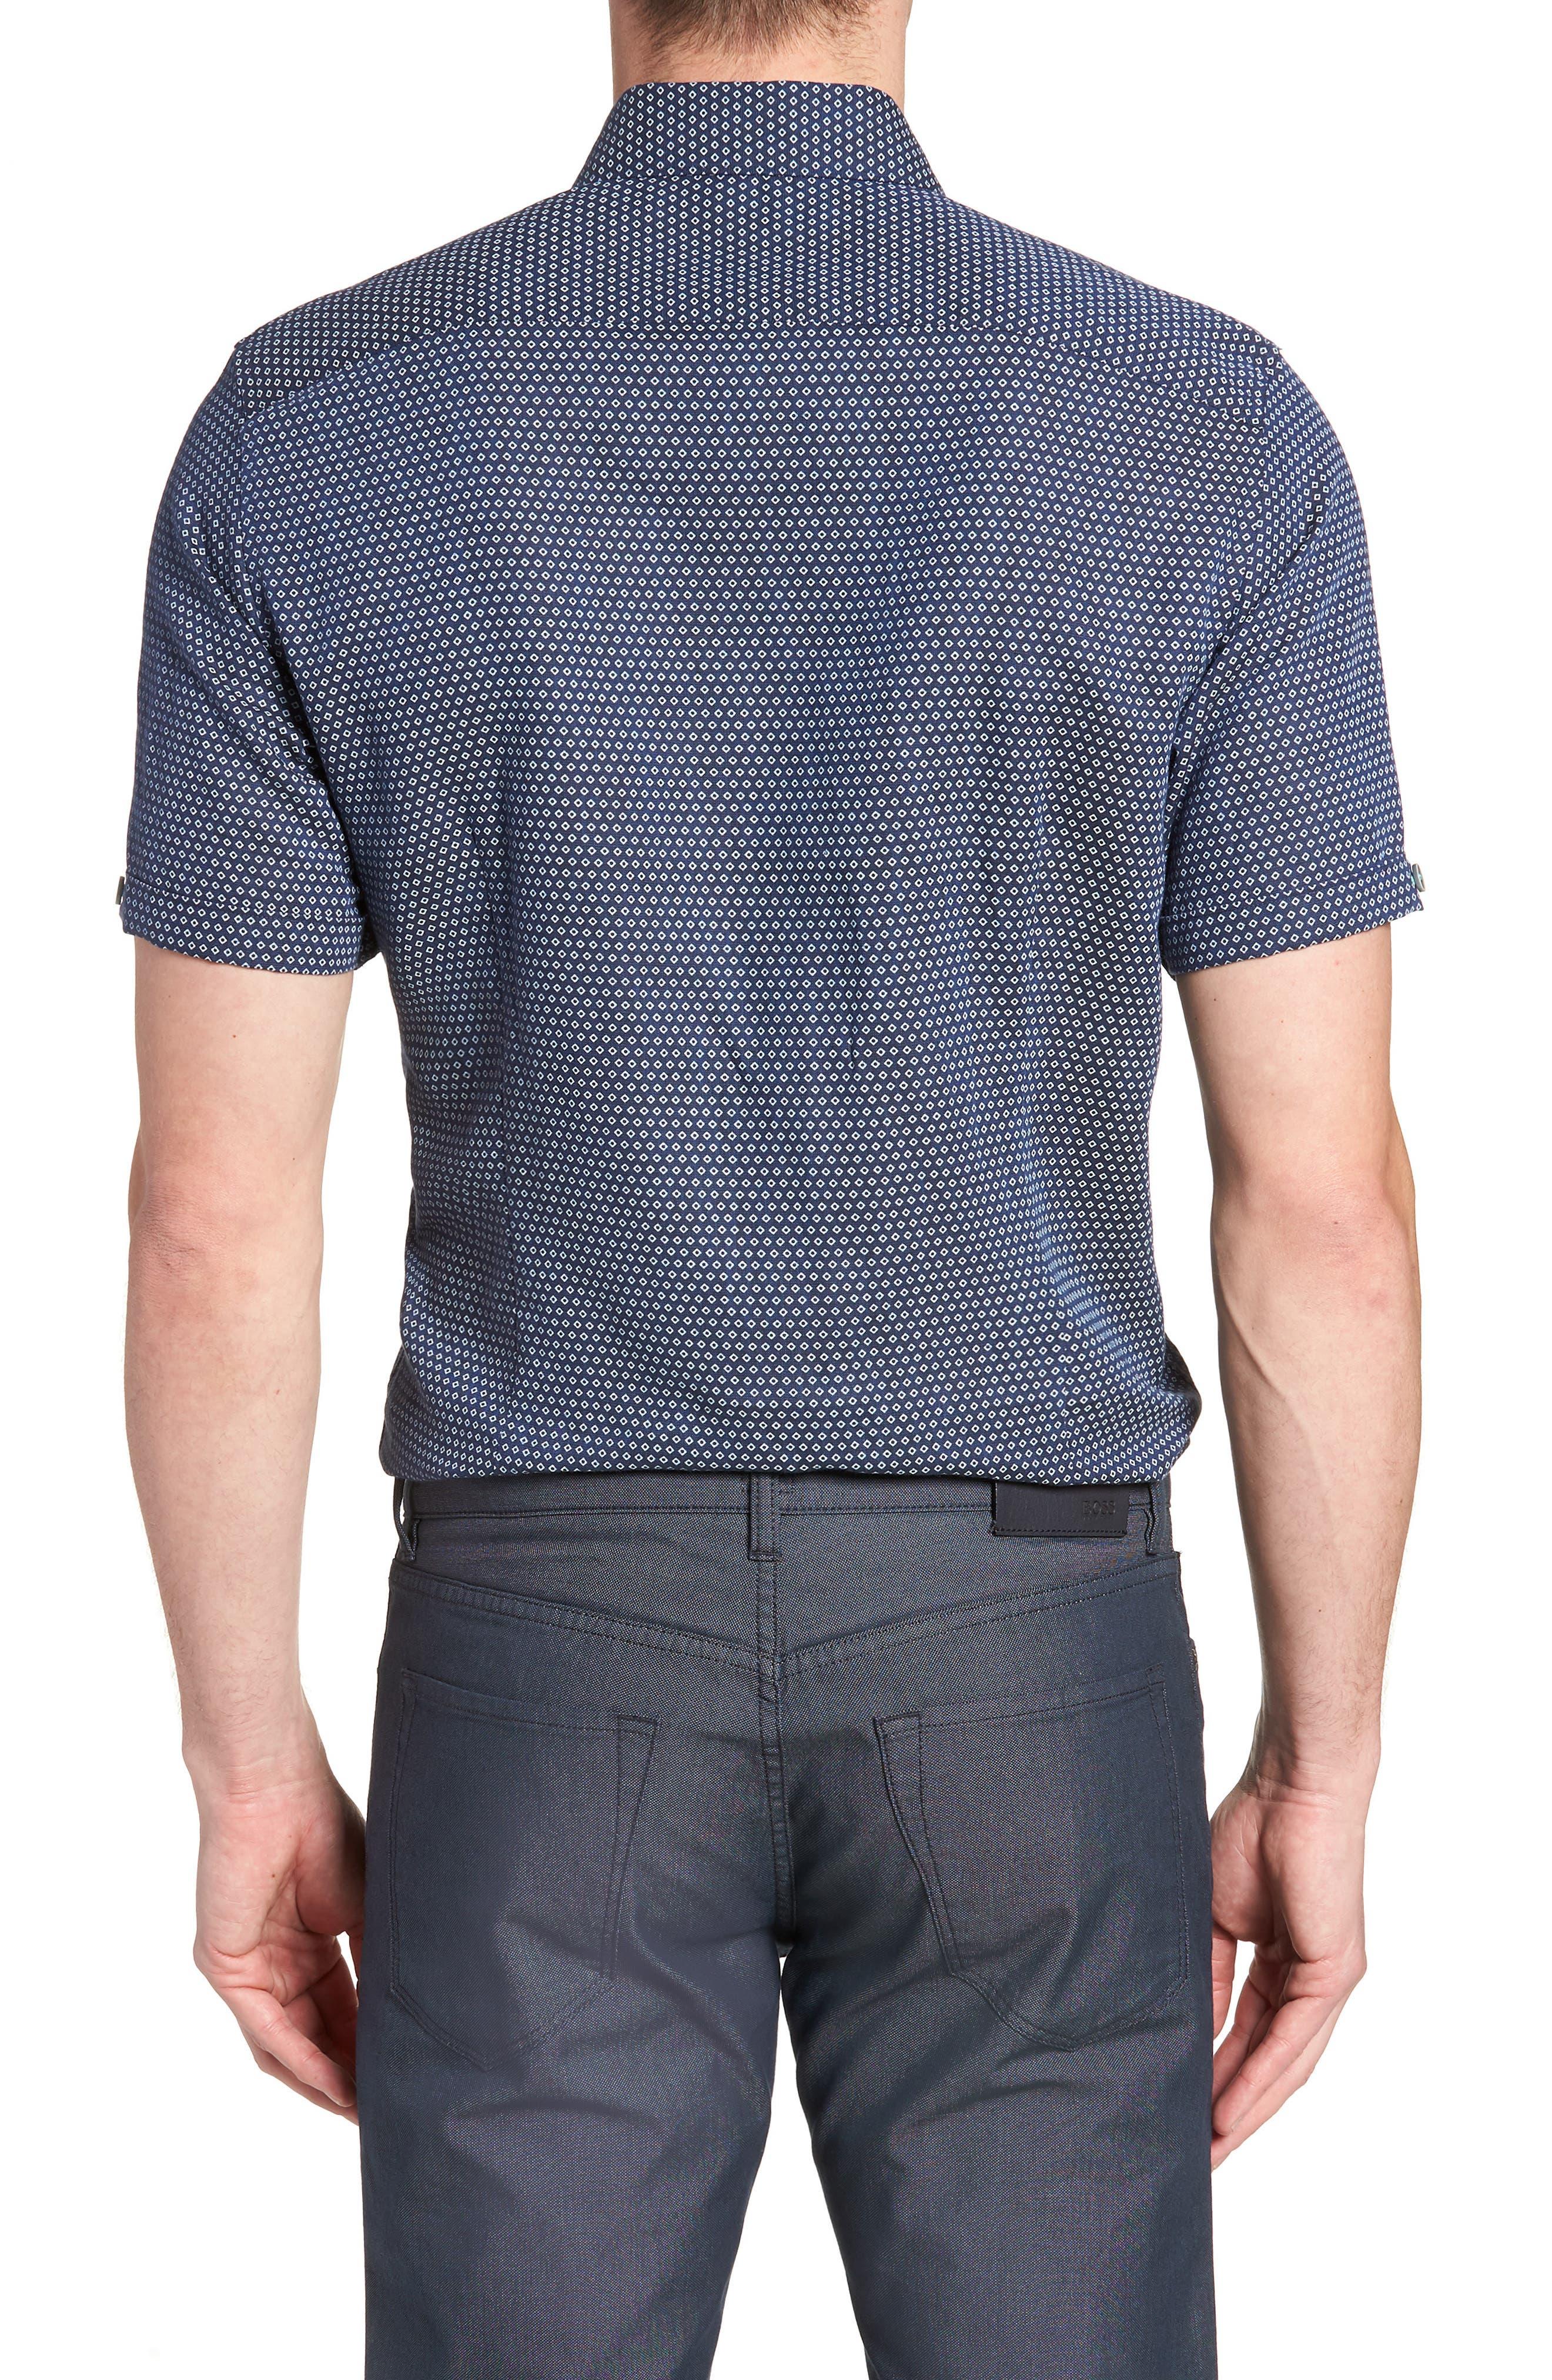 Sirobtt Short Sleeve Sport Shirt,                             Alternate thumbnail 3, color,                             Navy